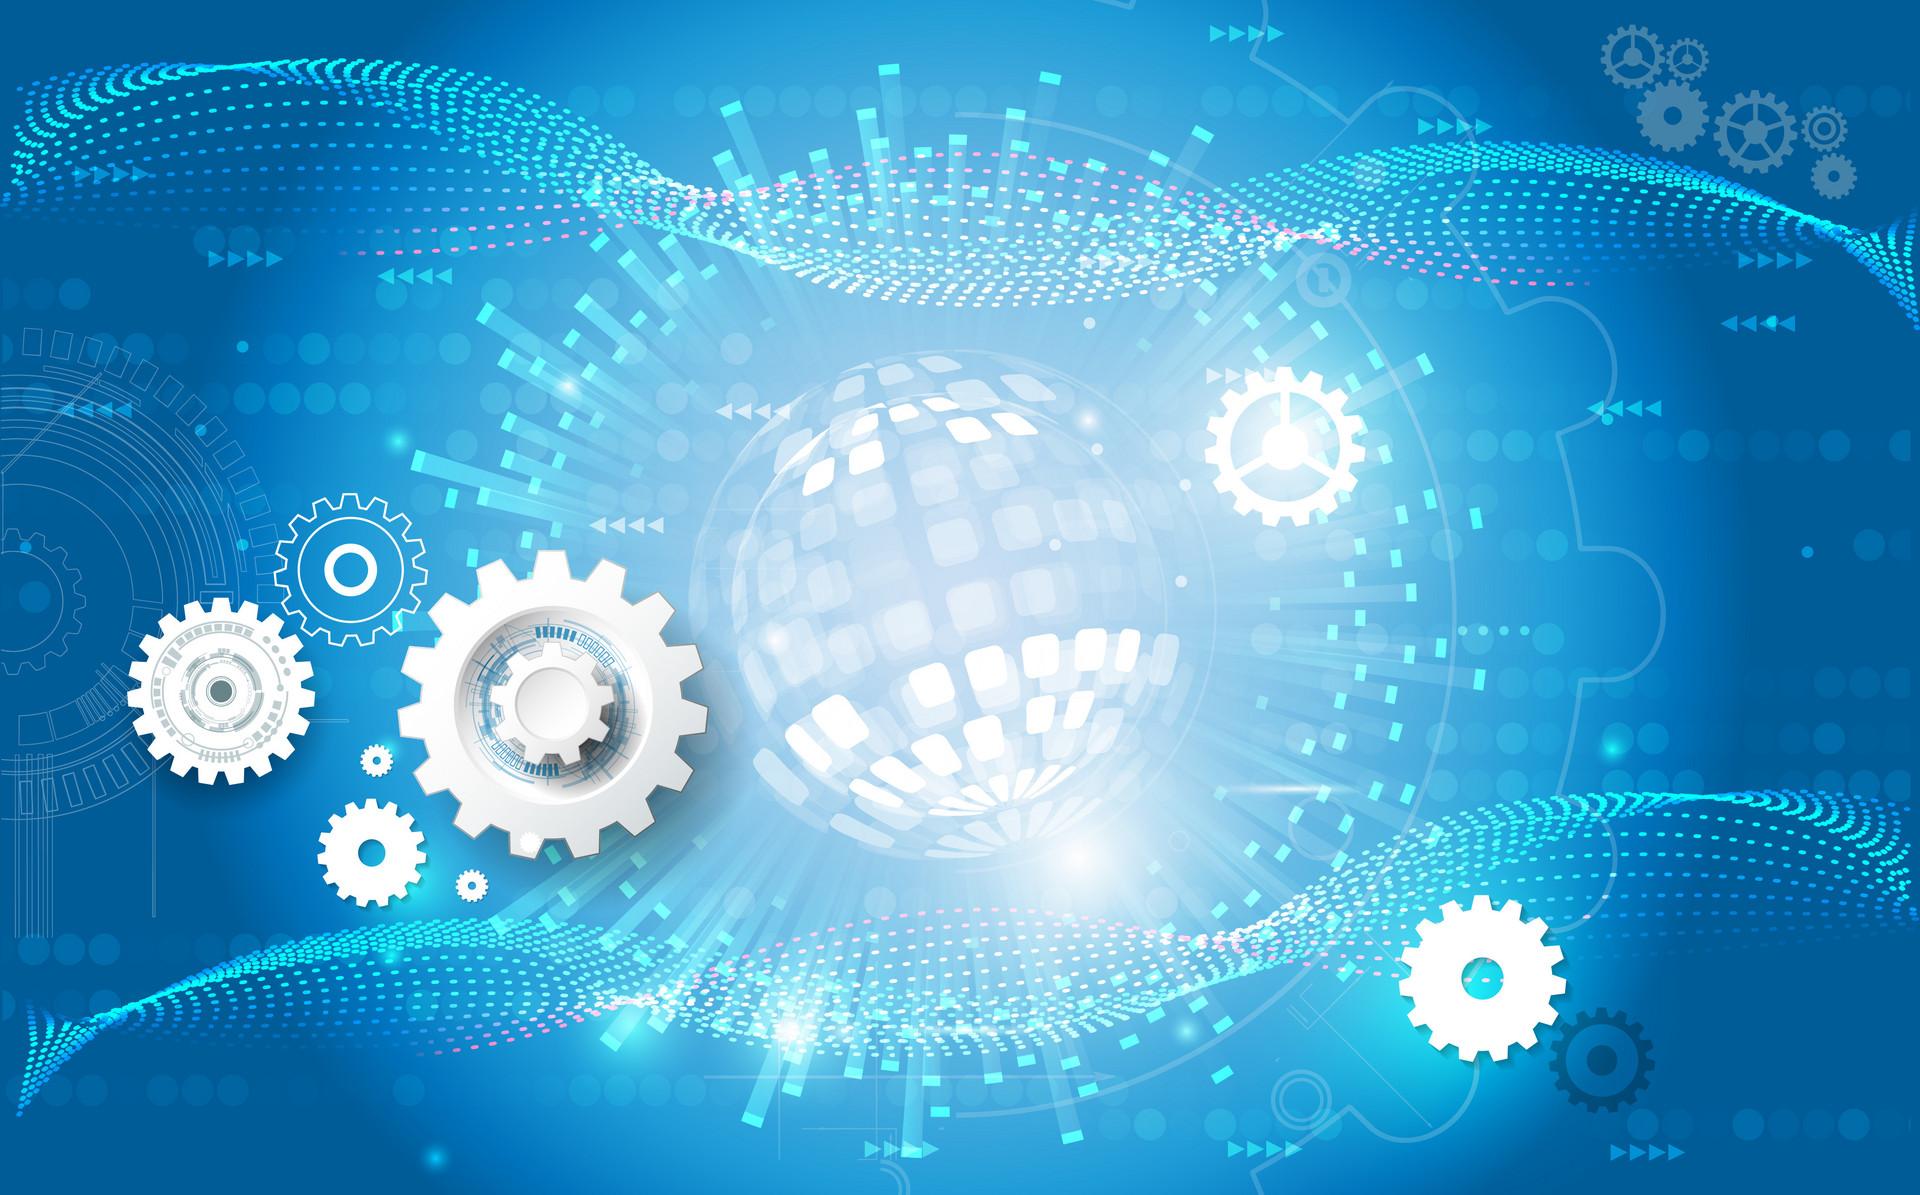 """政策助力""""5G+工业互联网"""",B端需求呈现蓝海态势"""